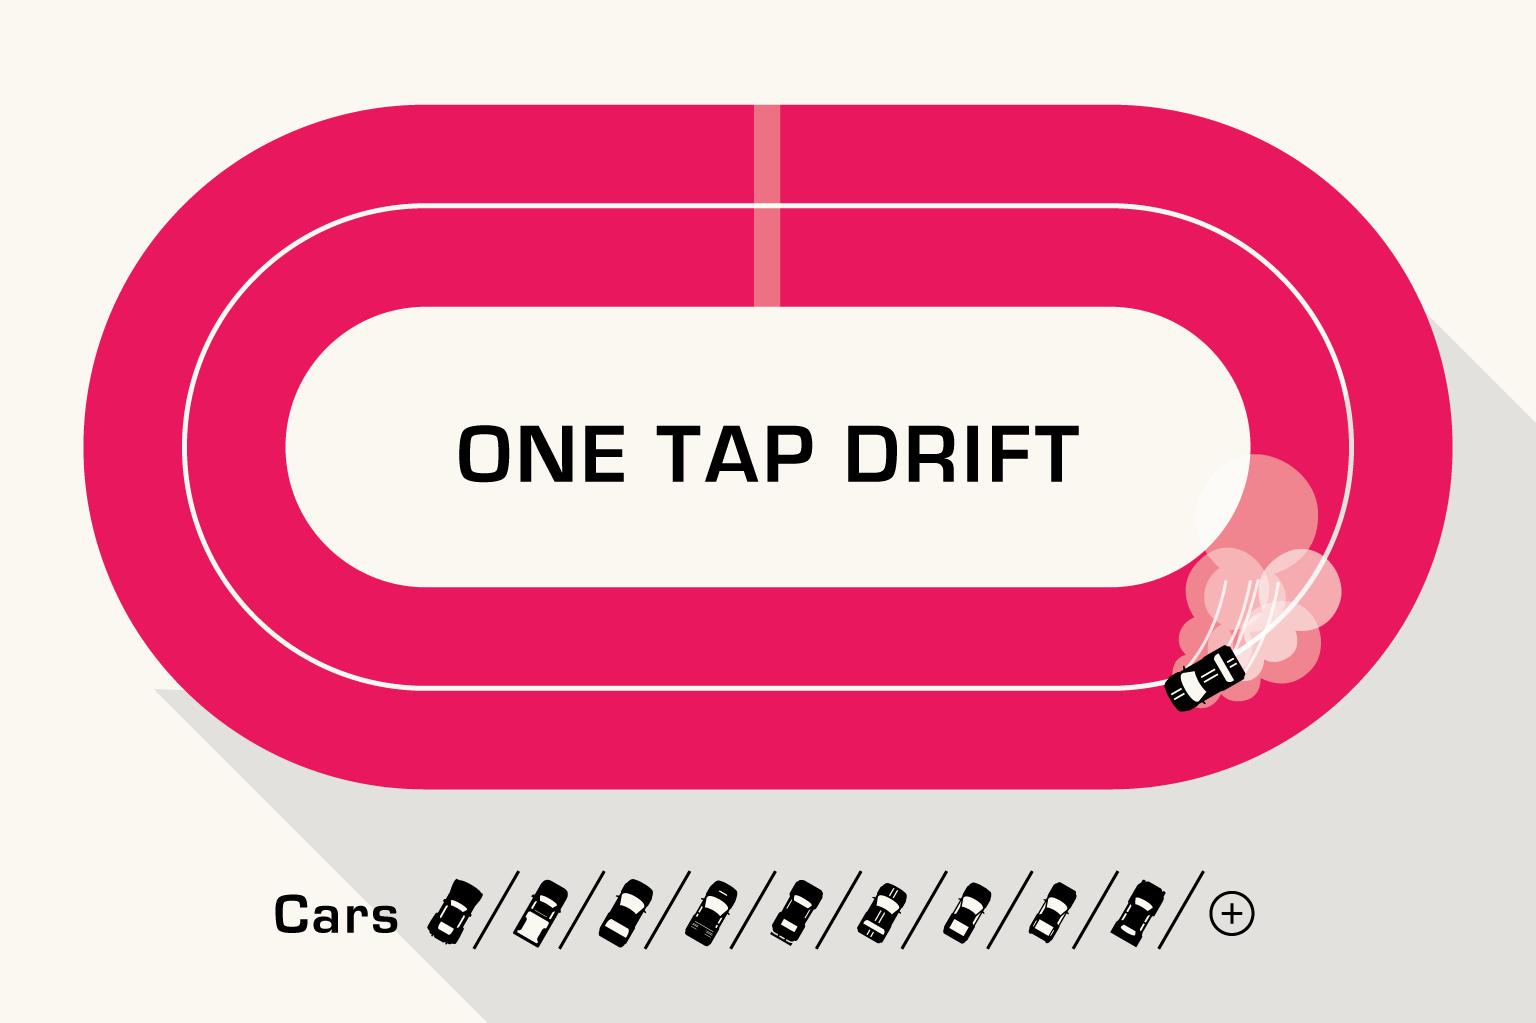 one tap drift